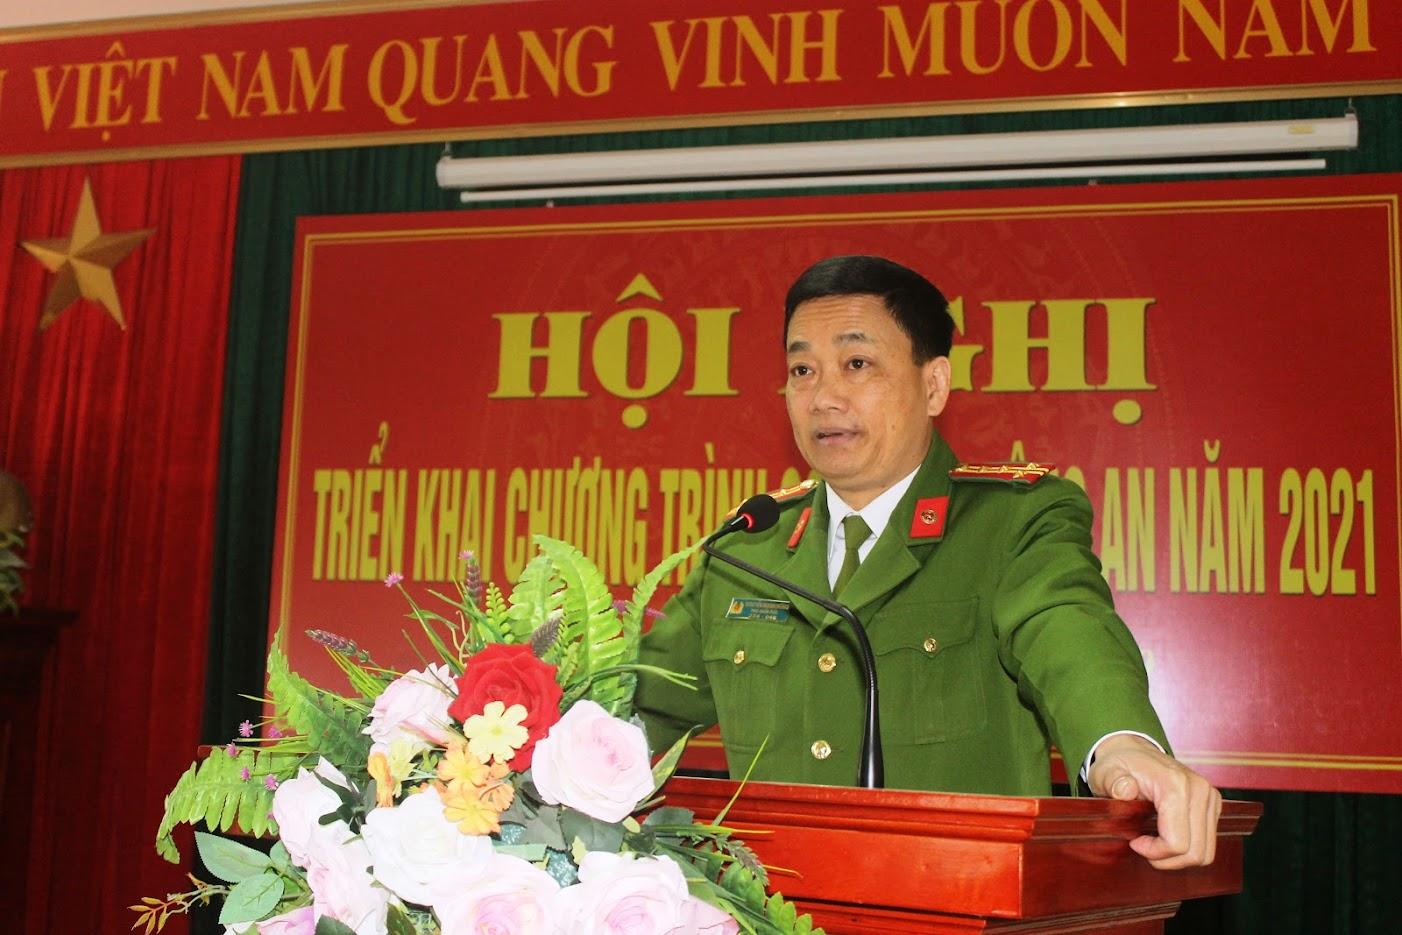 Đại tá Nguyễn Mạnh Hùng, Phó Giám đốc Công an tỉnh ghi nhận, đánh giá cao kết quả CATX đạt được trong năm qua.